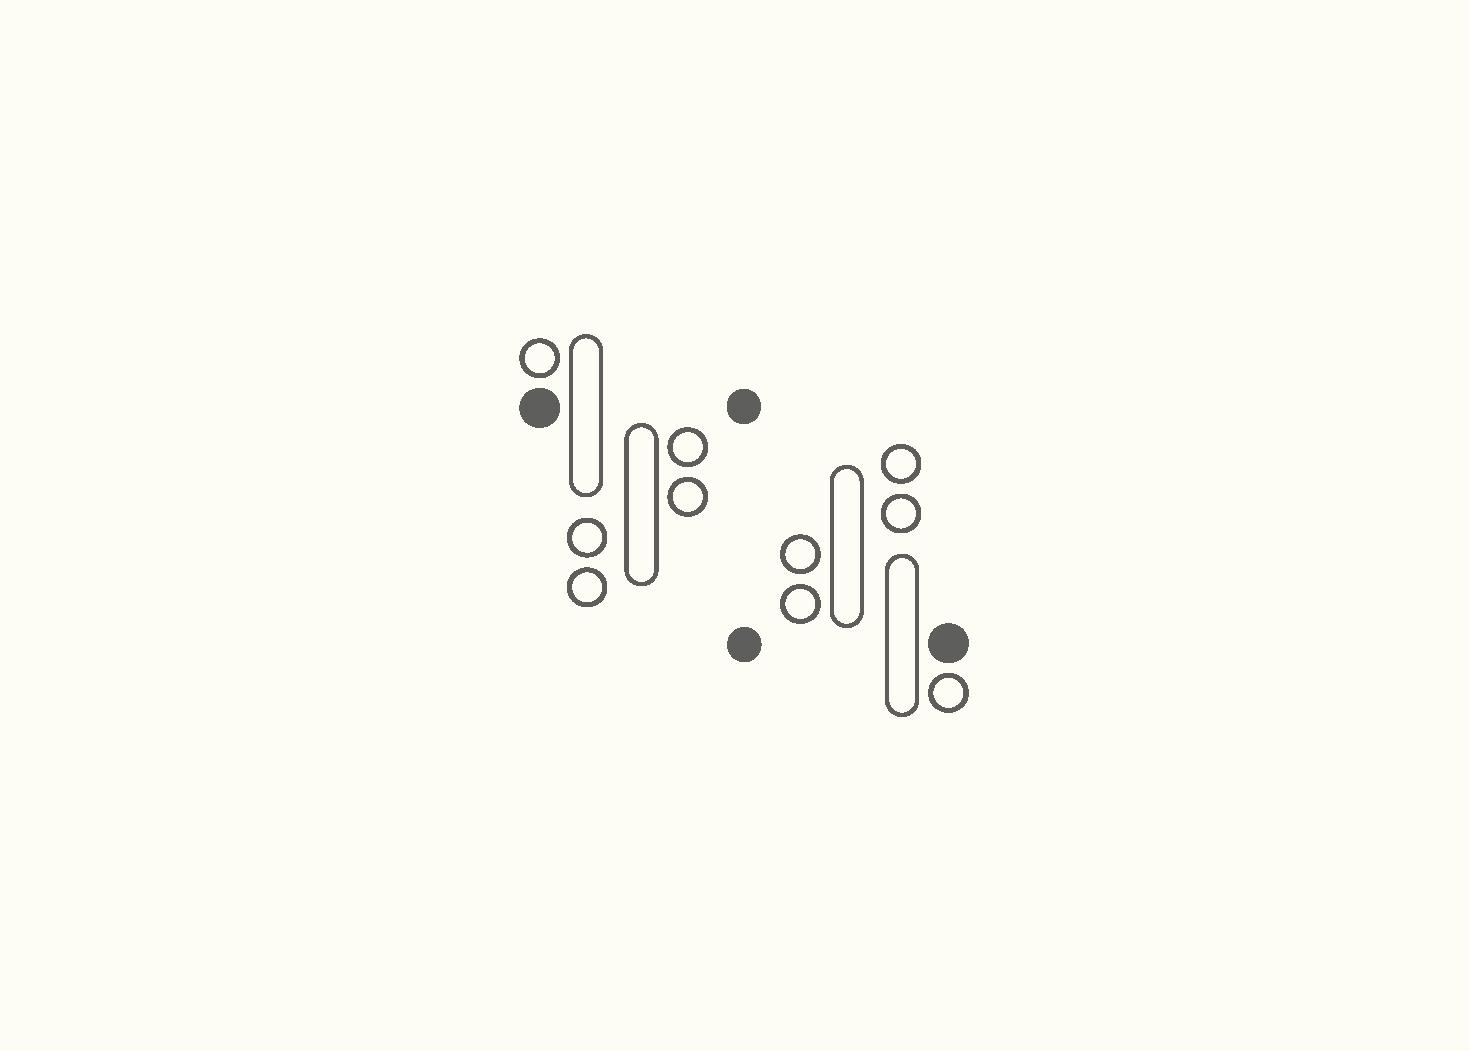 Ikoner designet av Haus Byrå til Folkartist